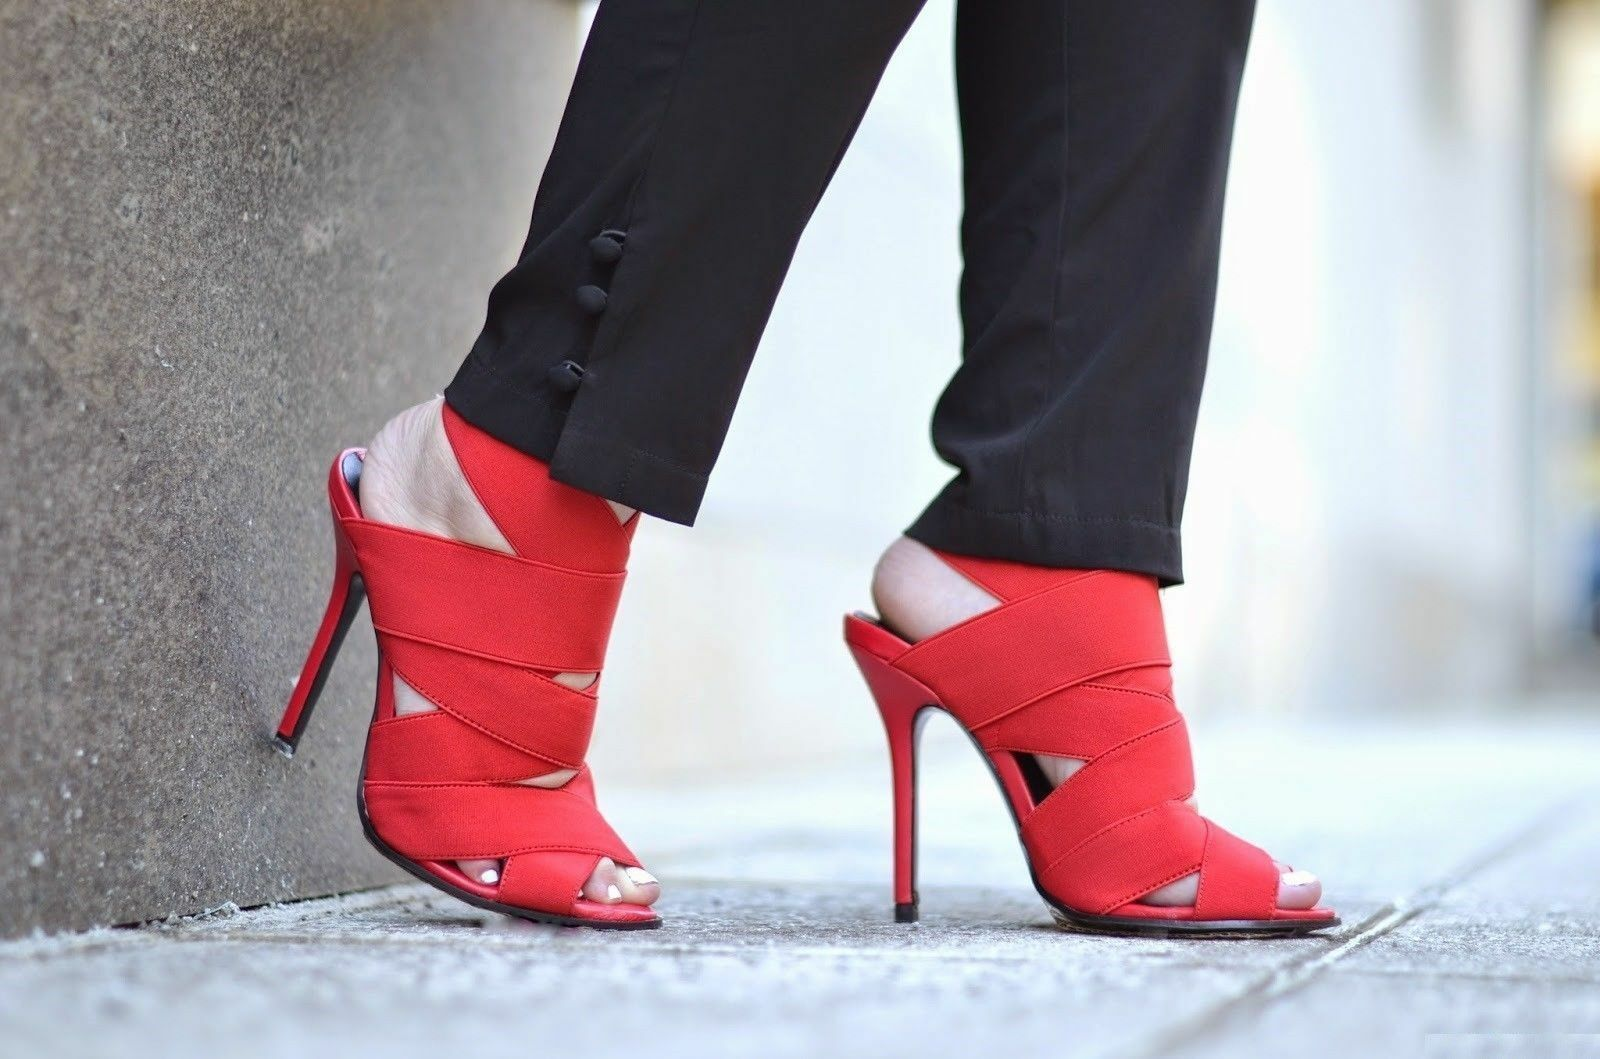 Zara Rojo Envoltura Sandalias Tacón Alto REF. 1392/301